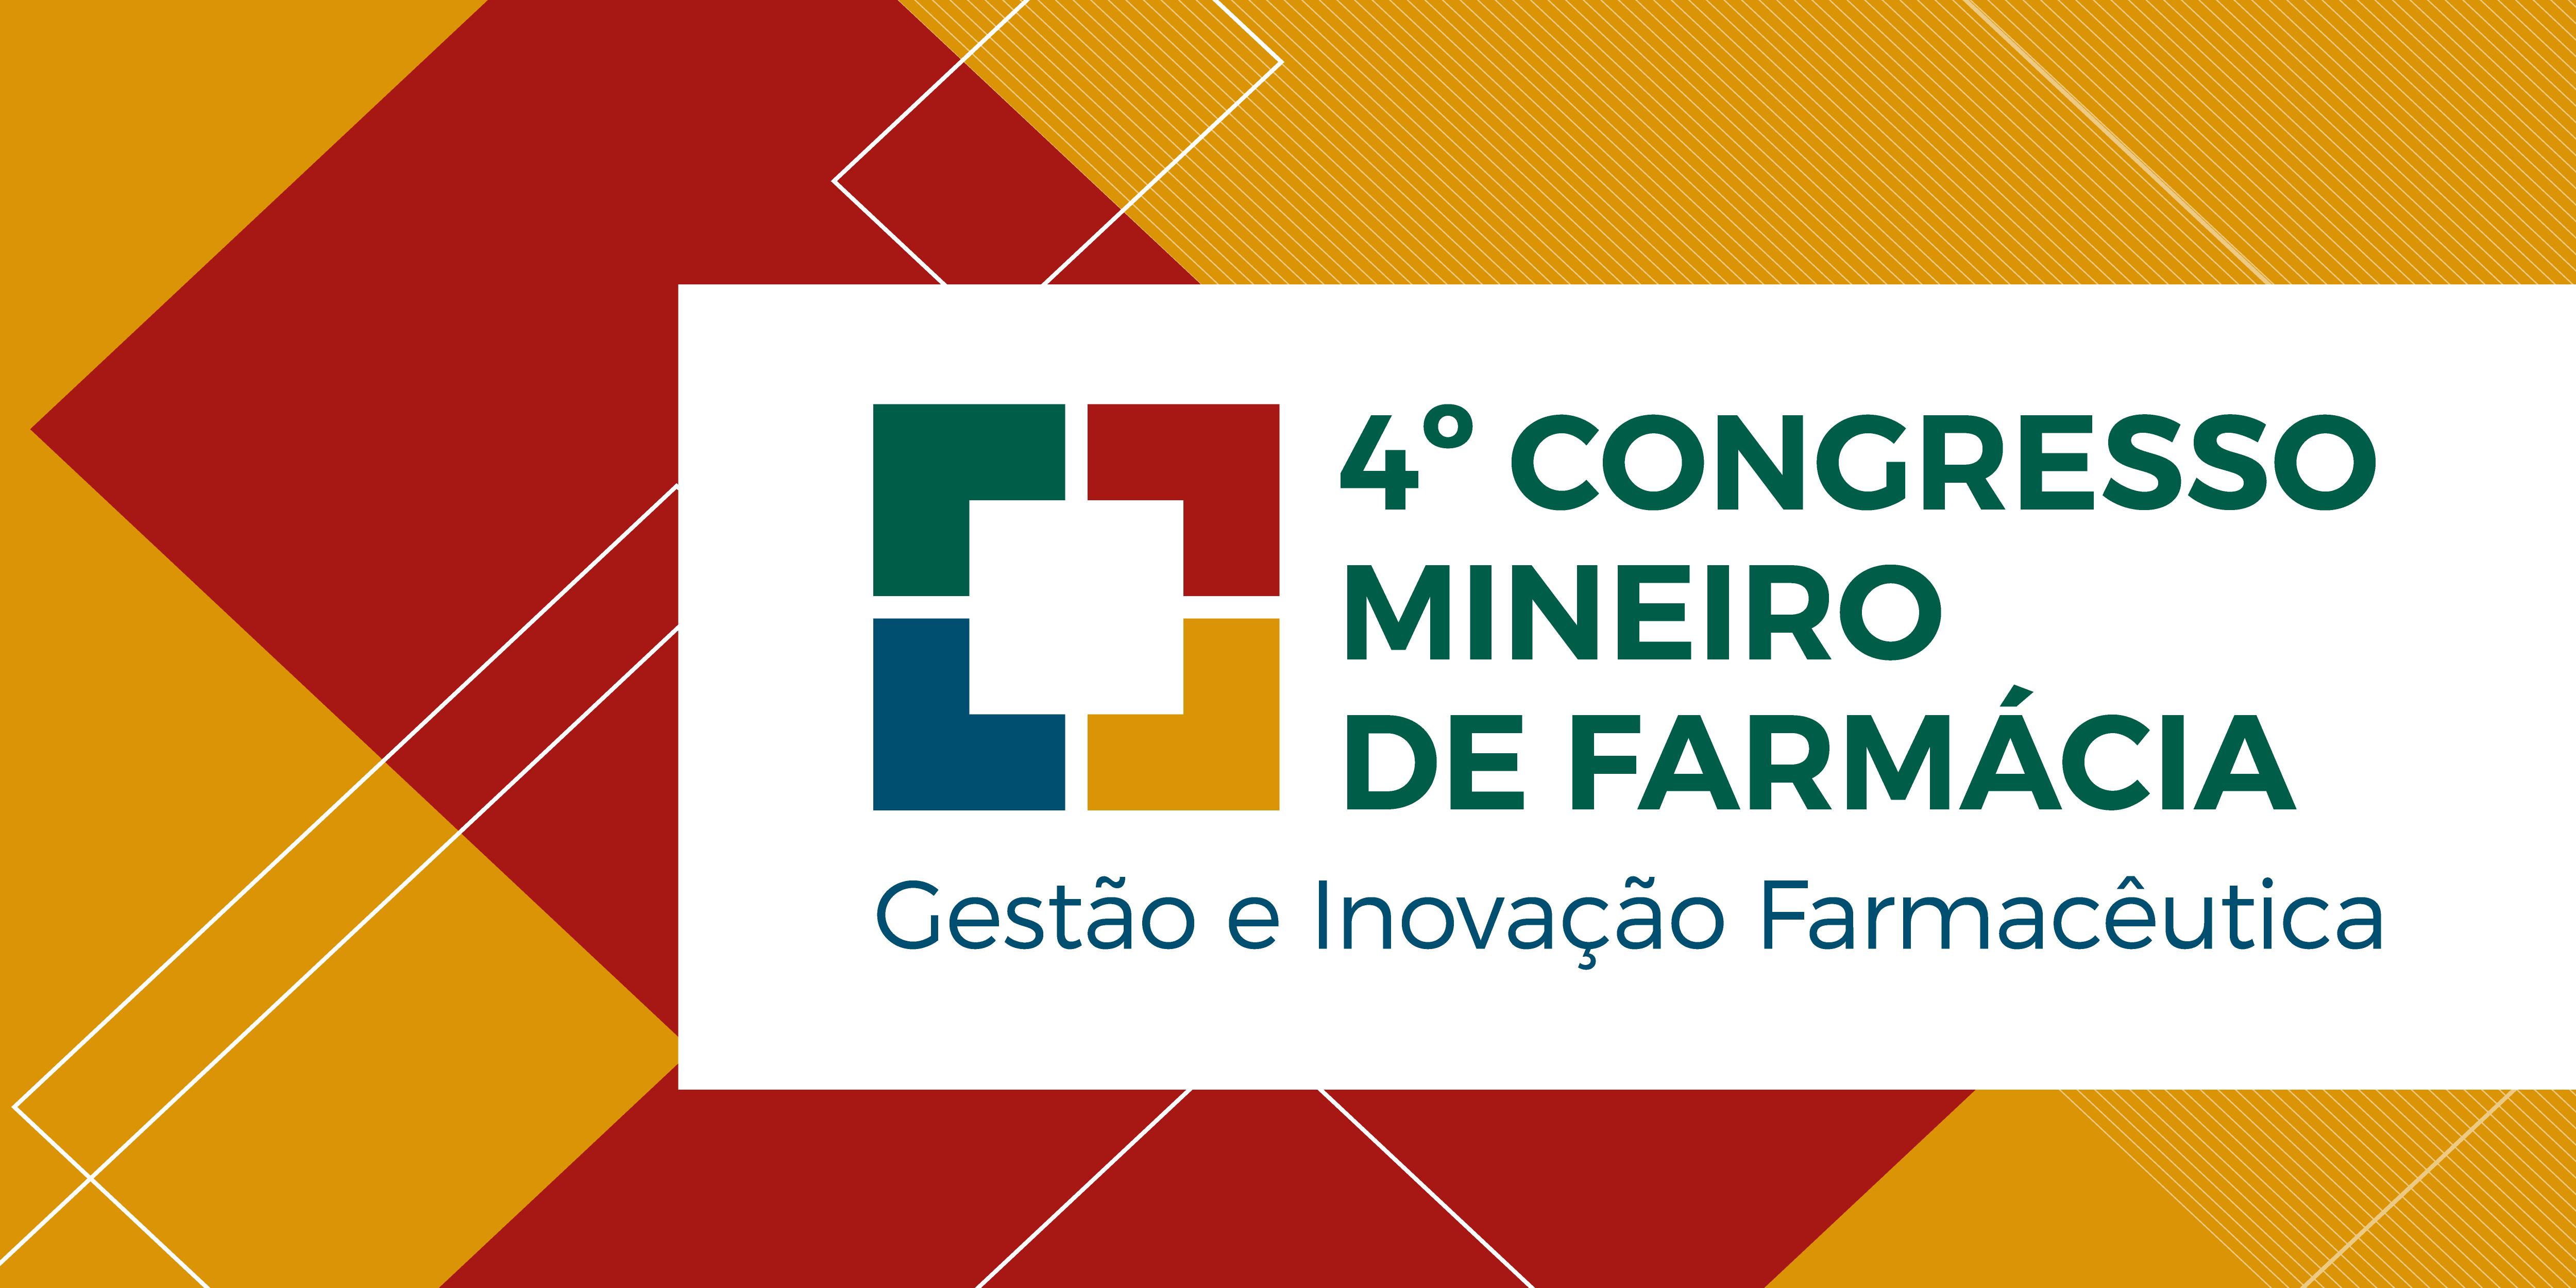 4º Congresso Mineiro de Farmácia